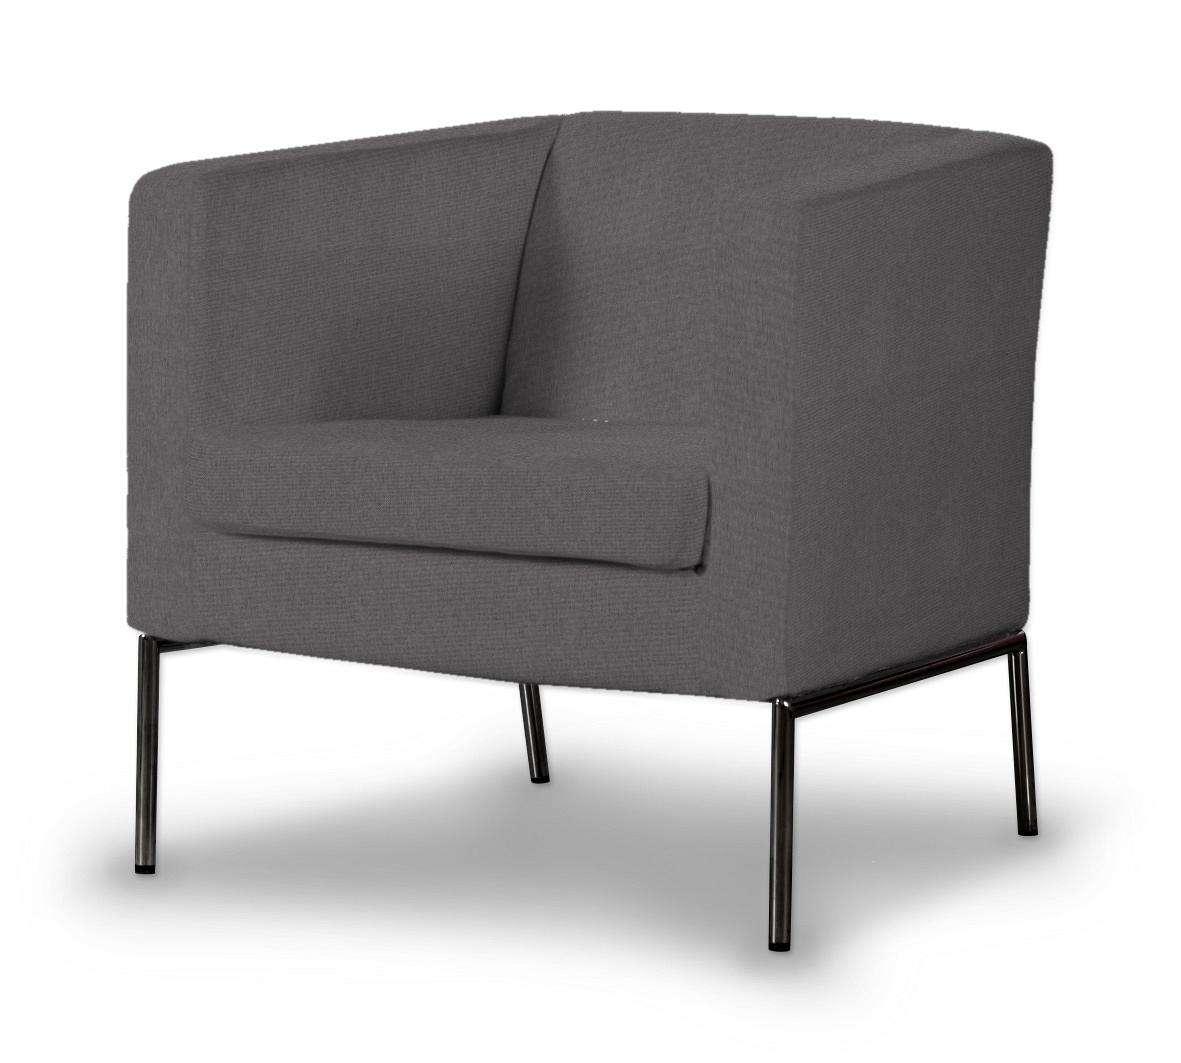 Pokrowiec na fotel Klappsta Fotel Klappsta w kolekcji Etna , tkanina: 705-35